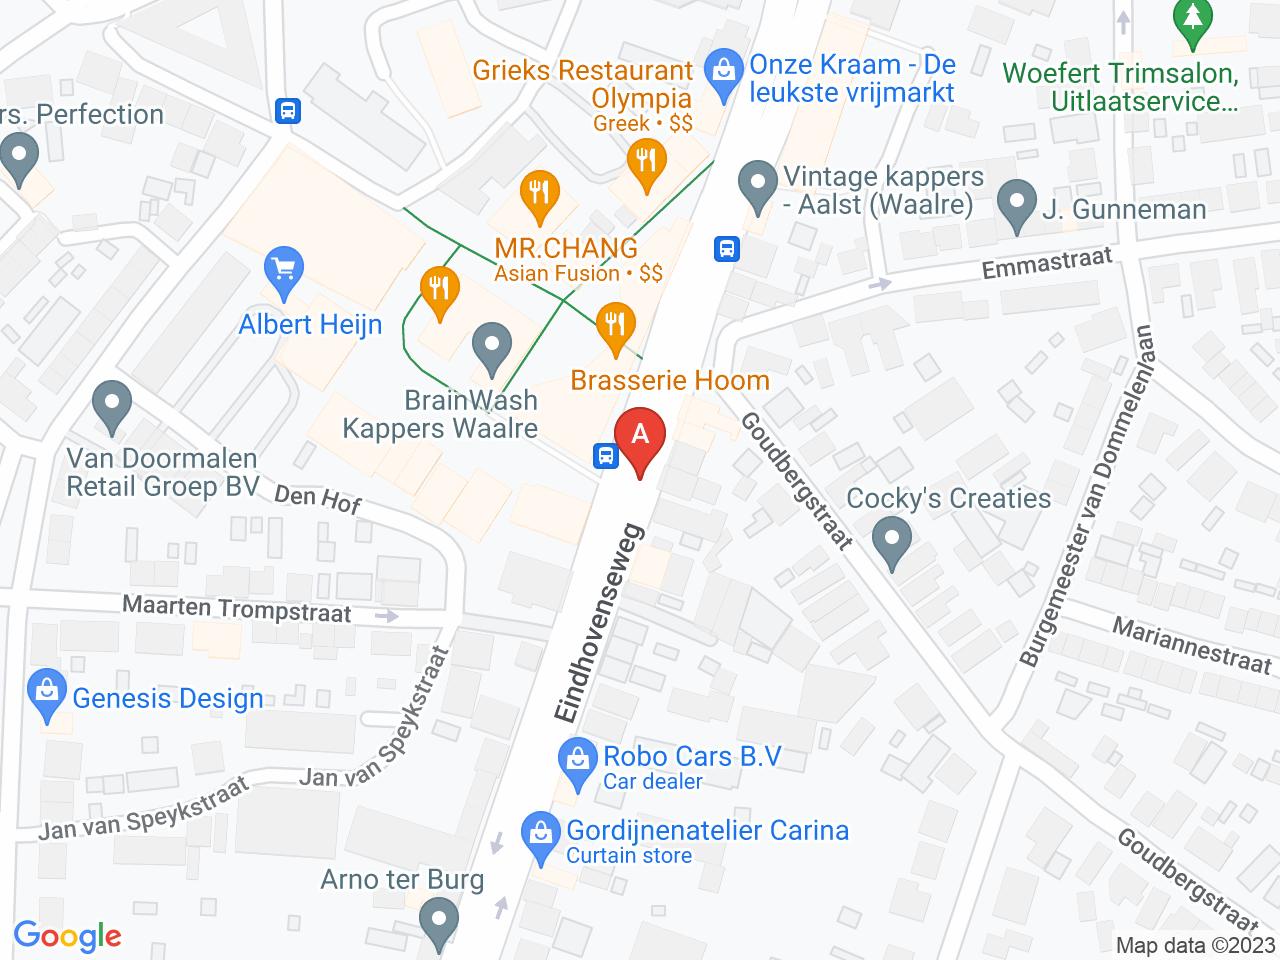 Herinrichting Centrum (Den Hof) en Eindhovenseweg op een kaart getoond.